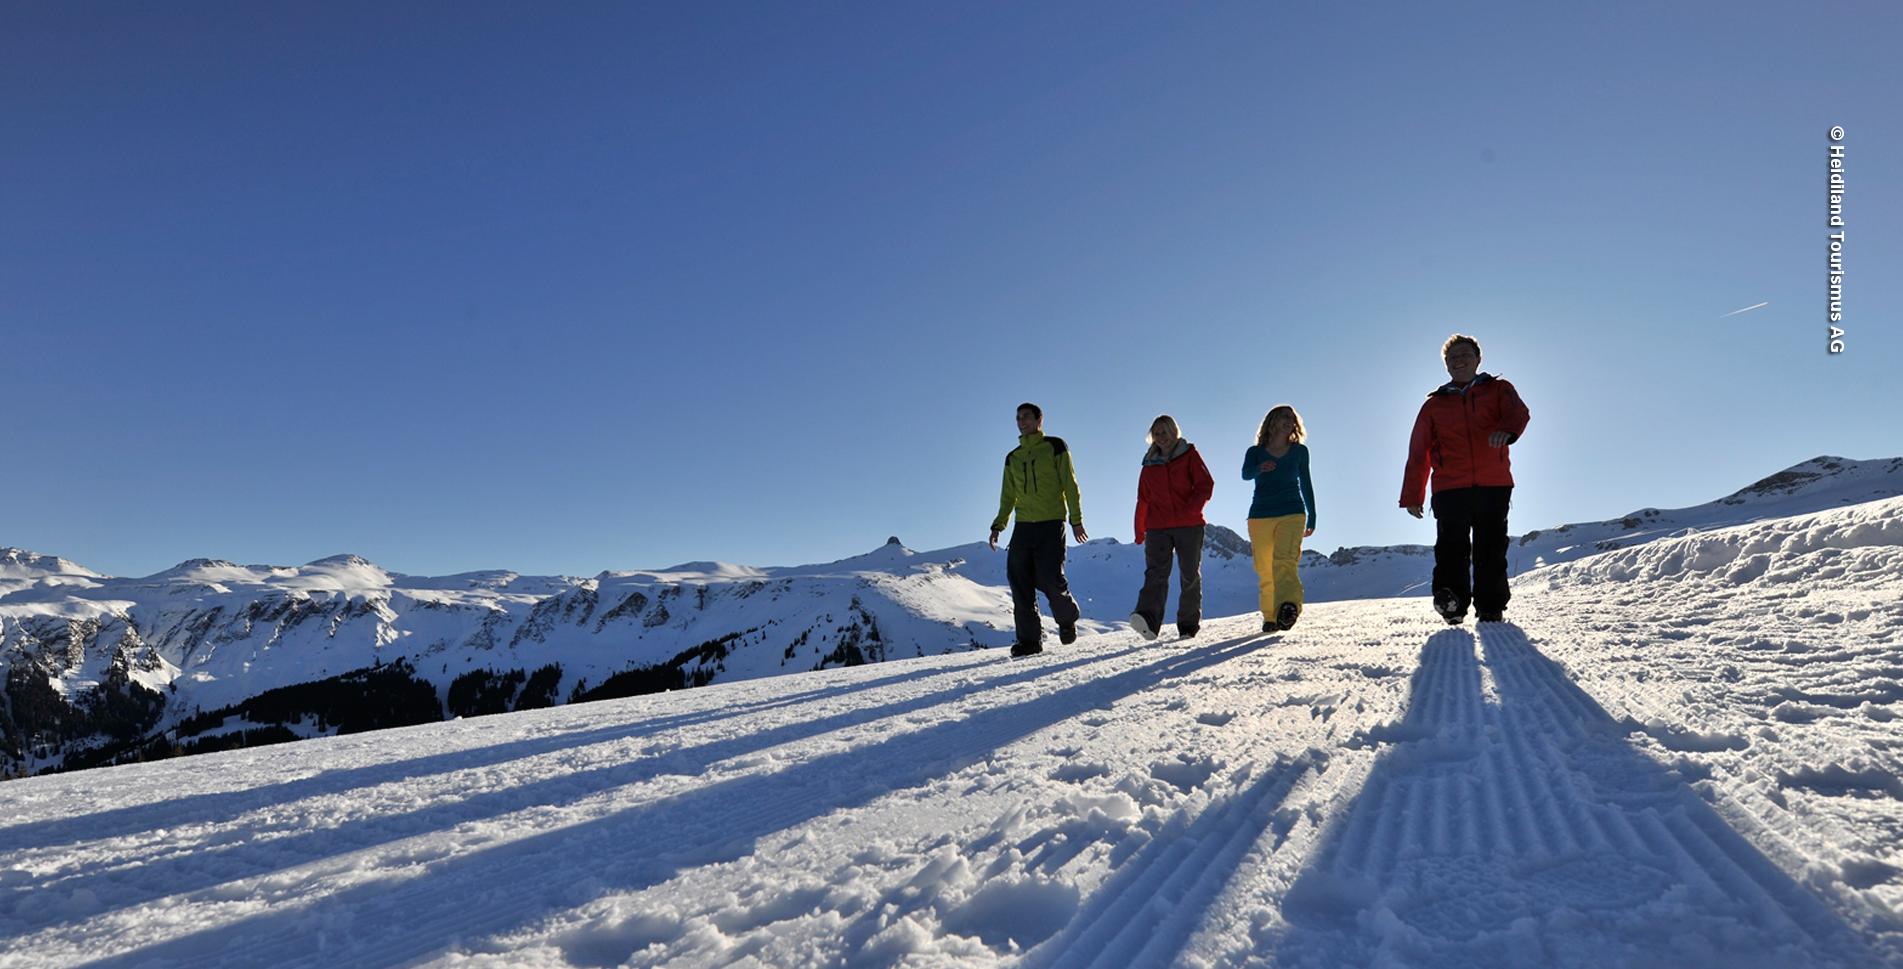 Winterwanderung auf dem Panoramahöhenweg Pizol, oberhalb Wangs und Bad Ragaz, von der Pizolhütte via Laufböden und wieder zurück zur Pizolhütte